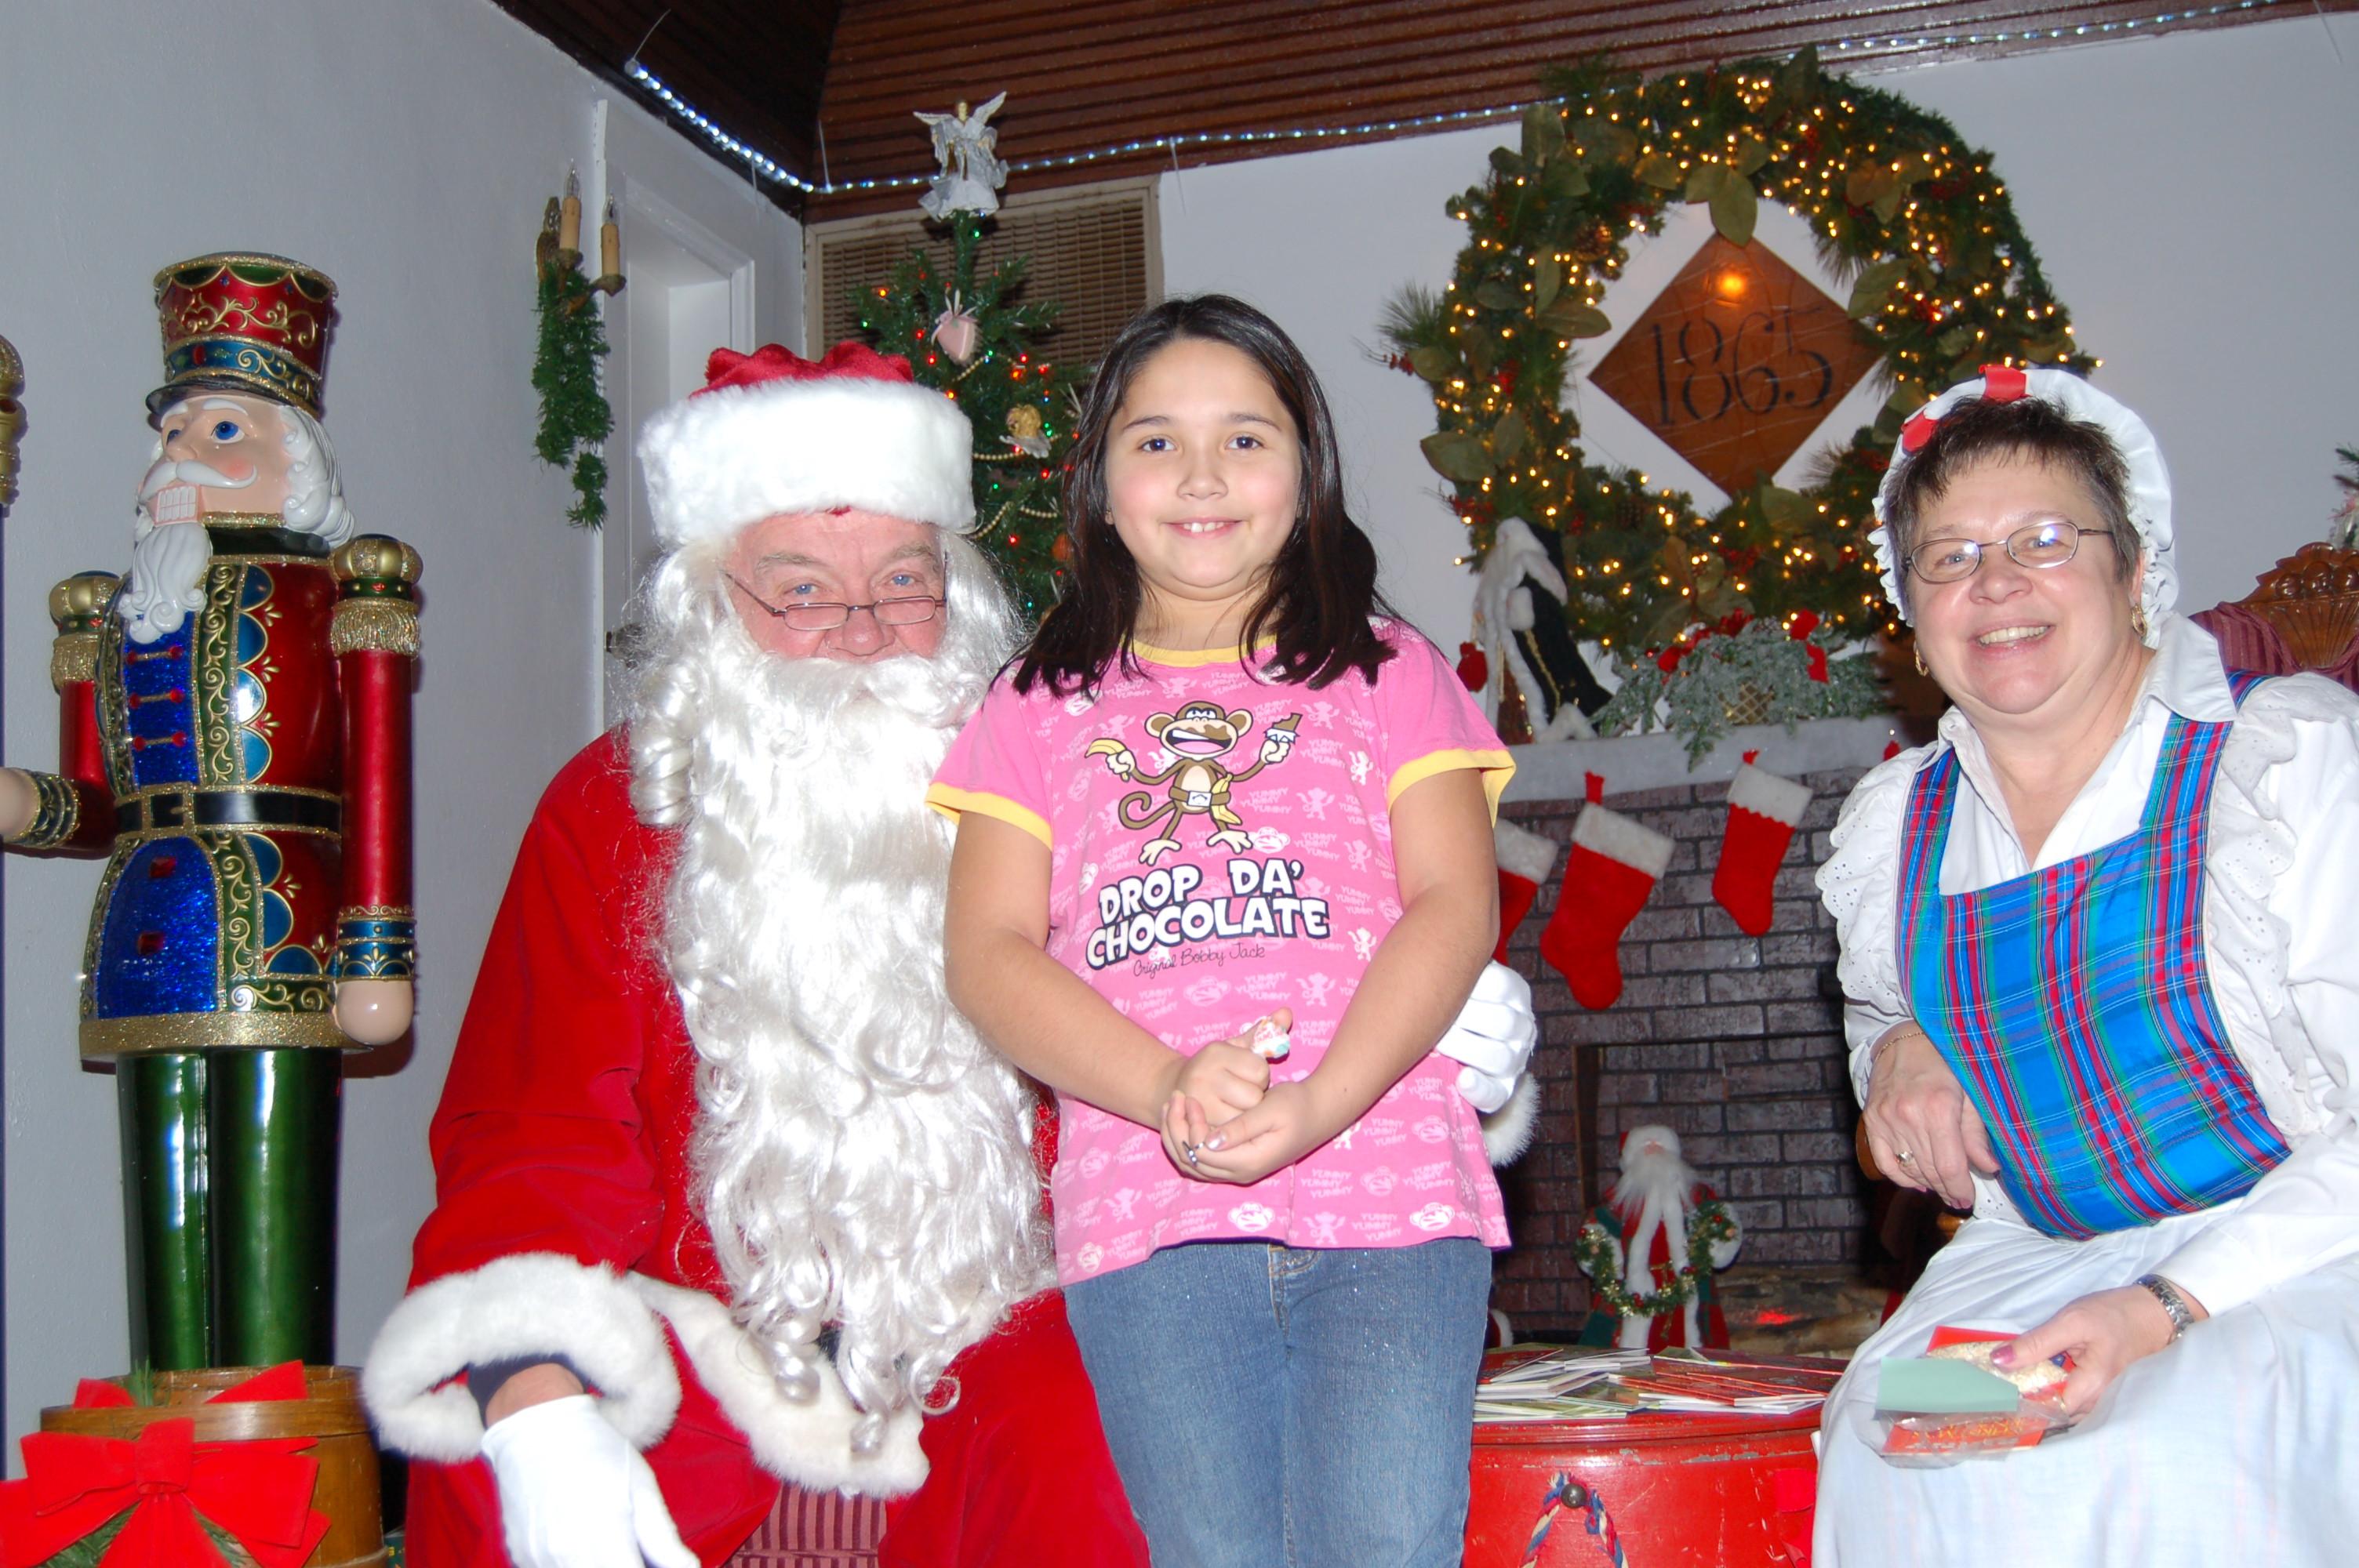 LolliPop+Lane+12-11-2008+Picture+018.jpg